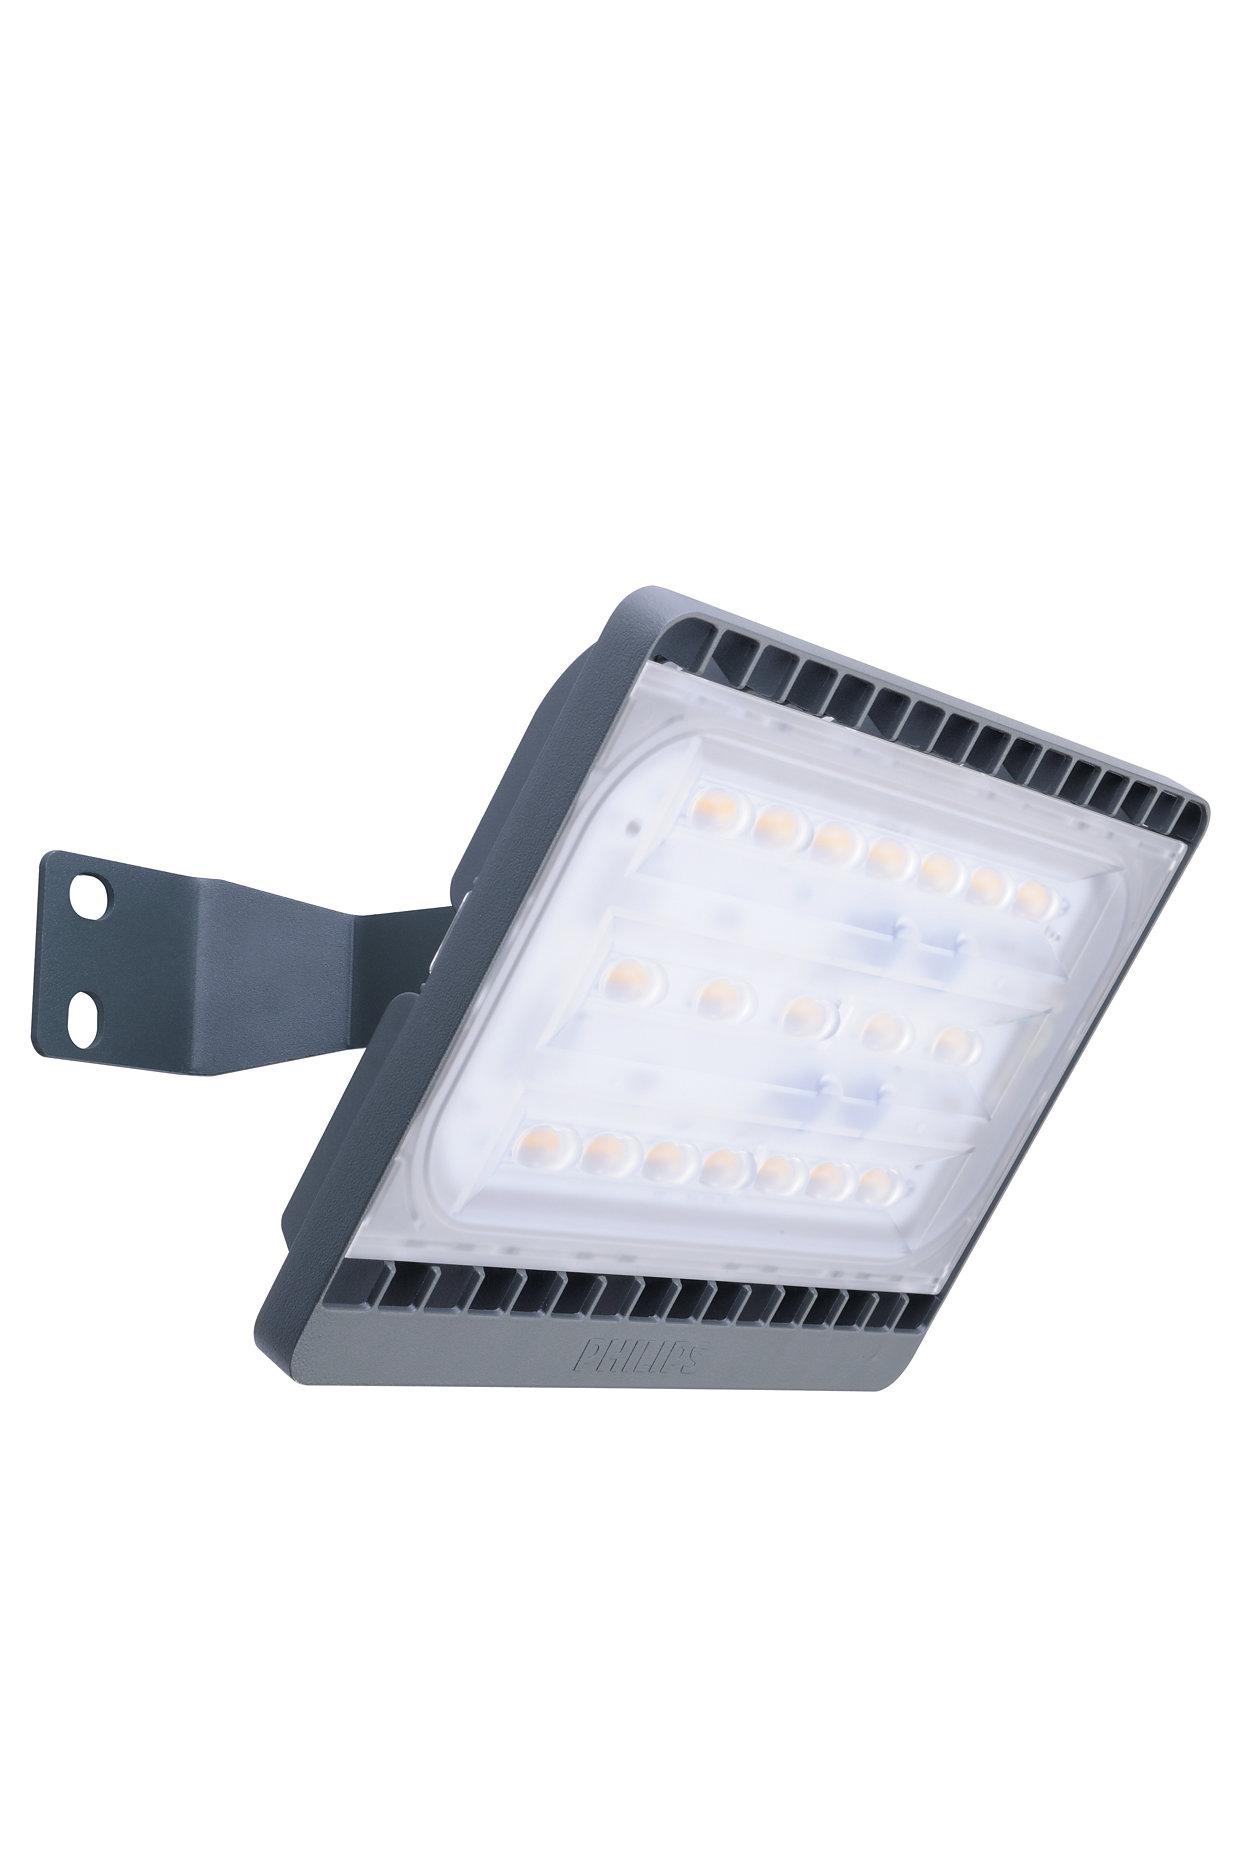 经济高效型 LED 隧道照明